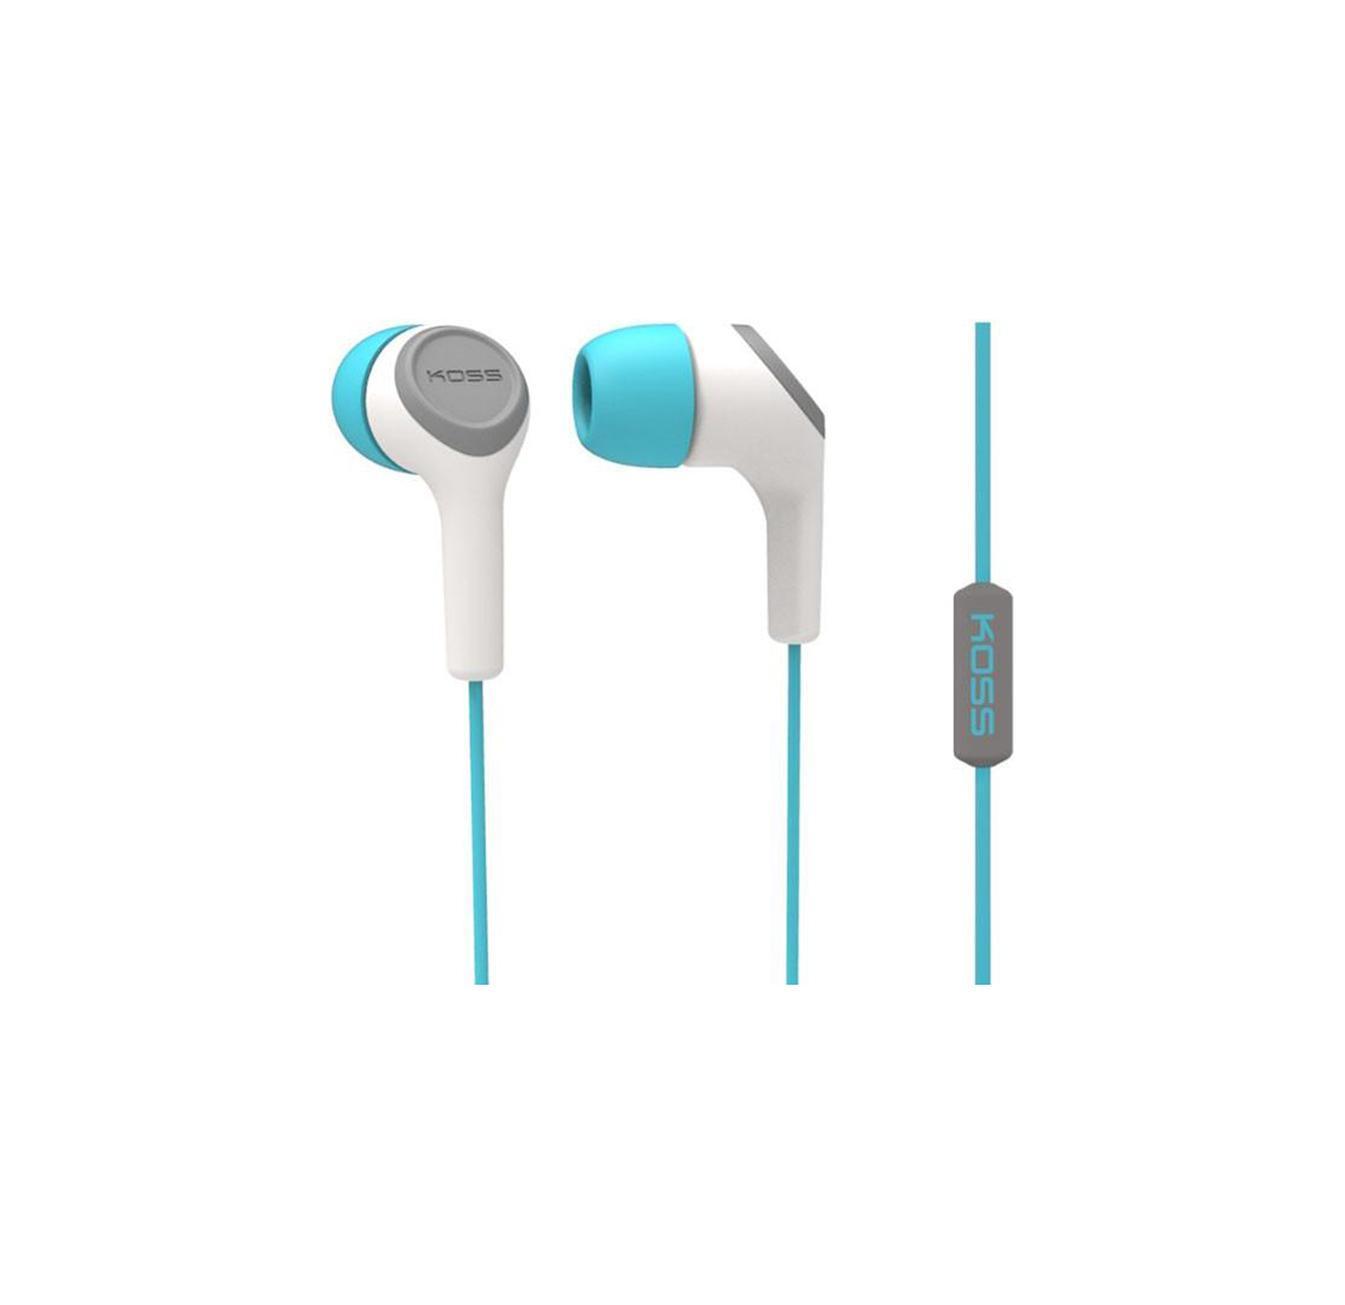 Koss KEB15iKEB15iKoss KEB15i - миниатюрные наушники анатомической формы для вашего устройства. Удобная «посадка» обеспечивает долгое, комфортное ношение. Качественные динамики передают чистый звук с выразительными низами и звонкими верхами. Koss KEB15i отлично подходят как для прослушивания музыки всех жанров, радио, так и для просмотра видеороликов и фильмов.